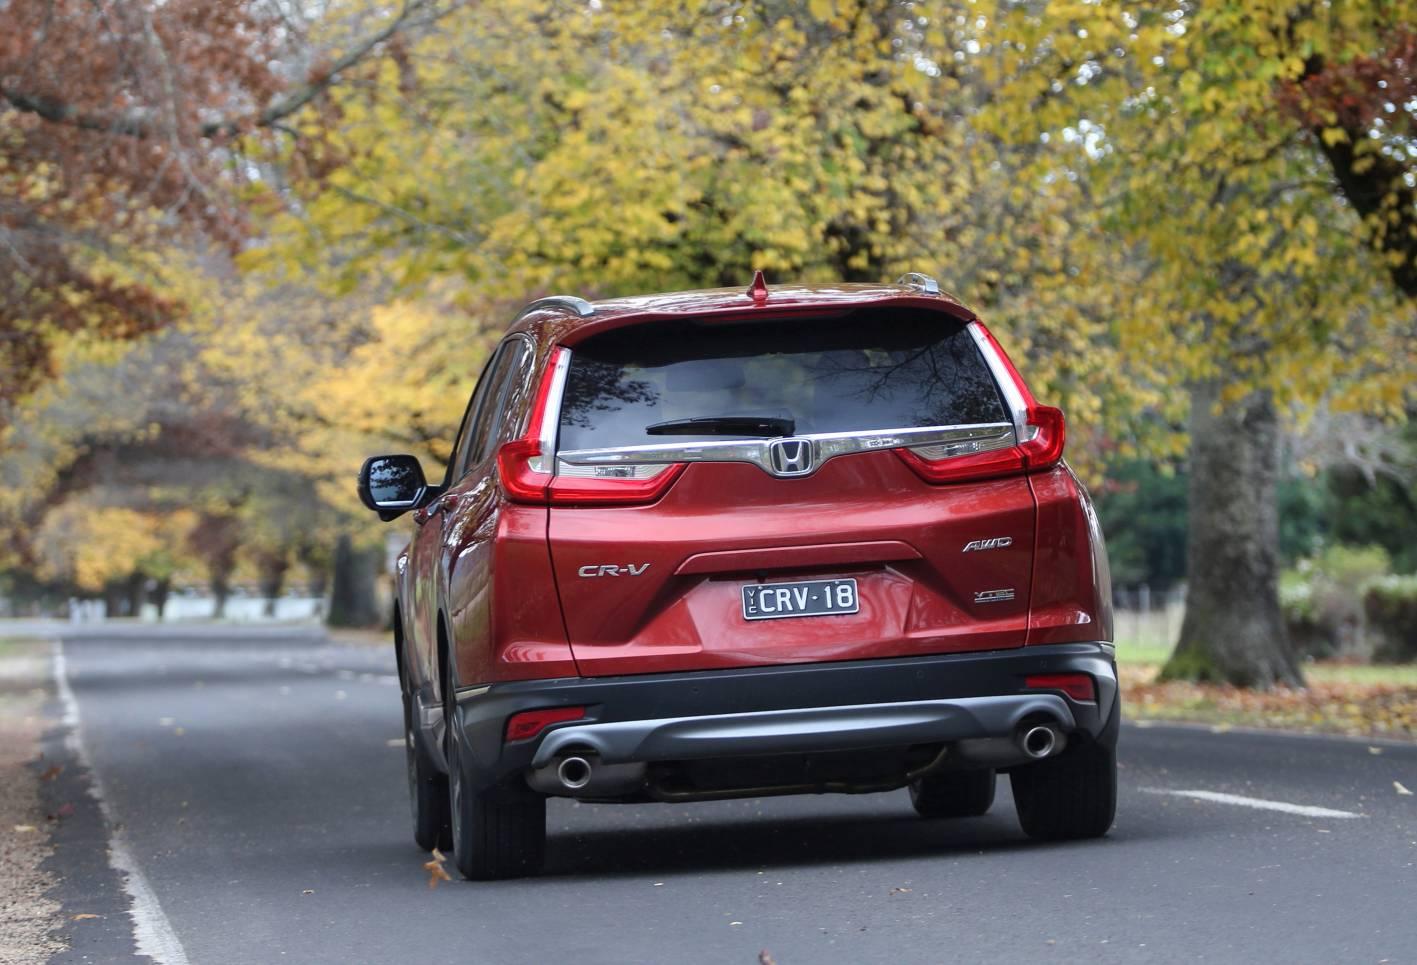 2018 Honda CR-V VTi-LX (1.5 turbo) review | Top10Cars